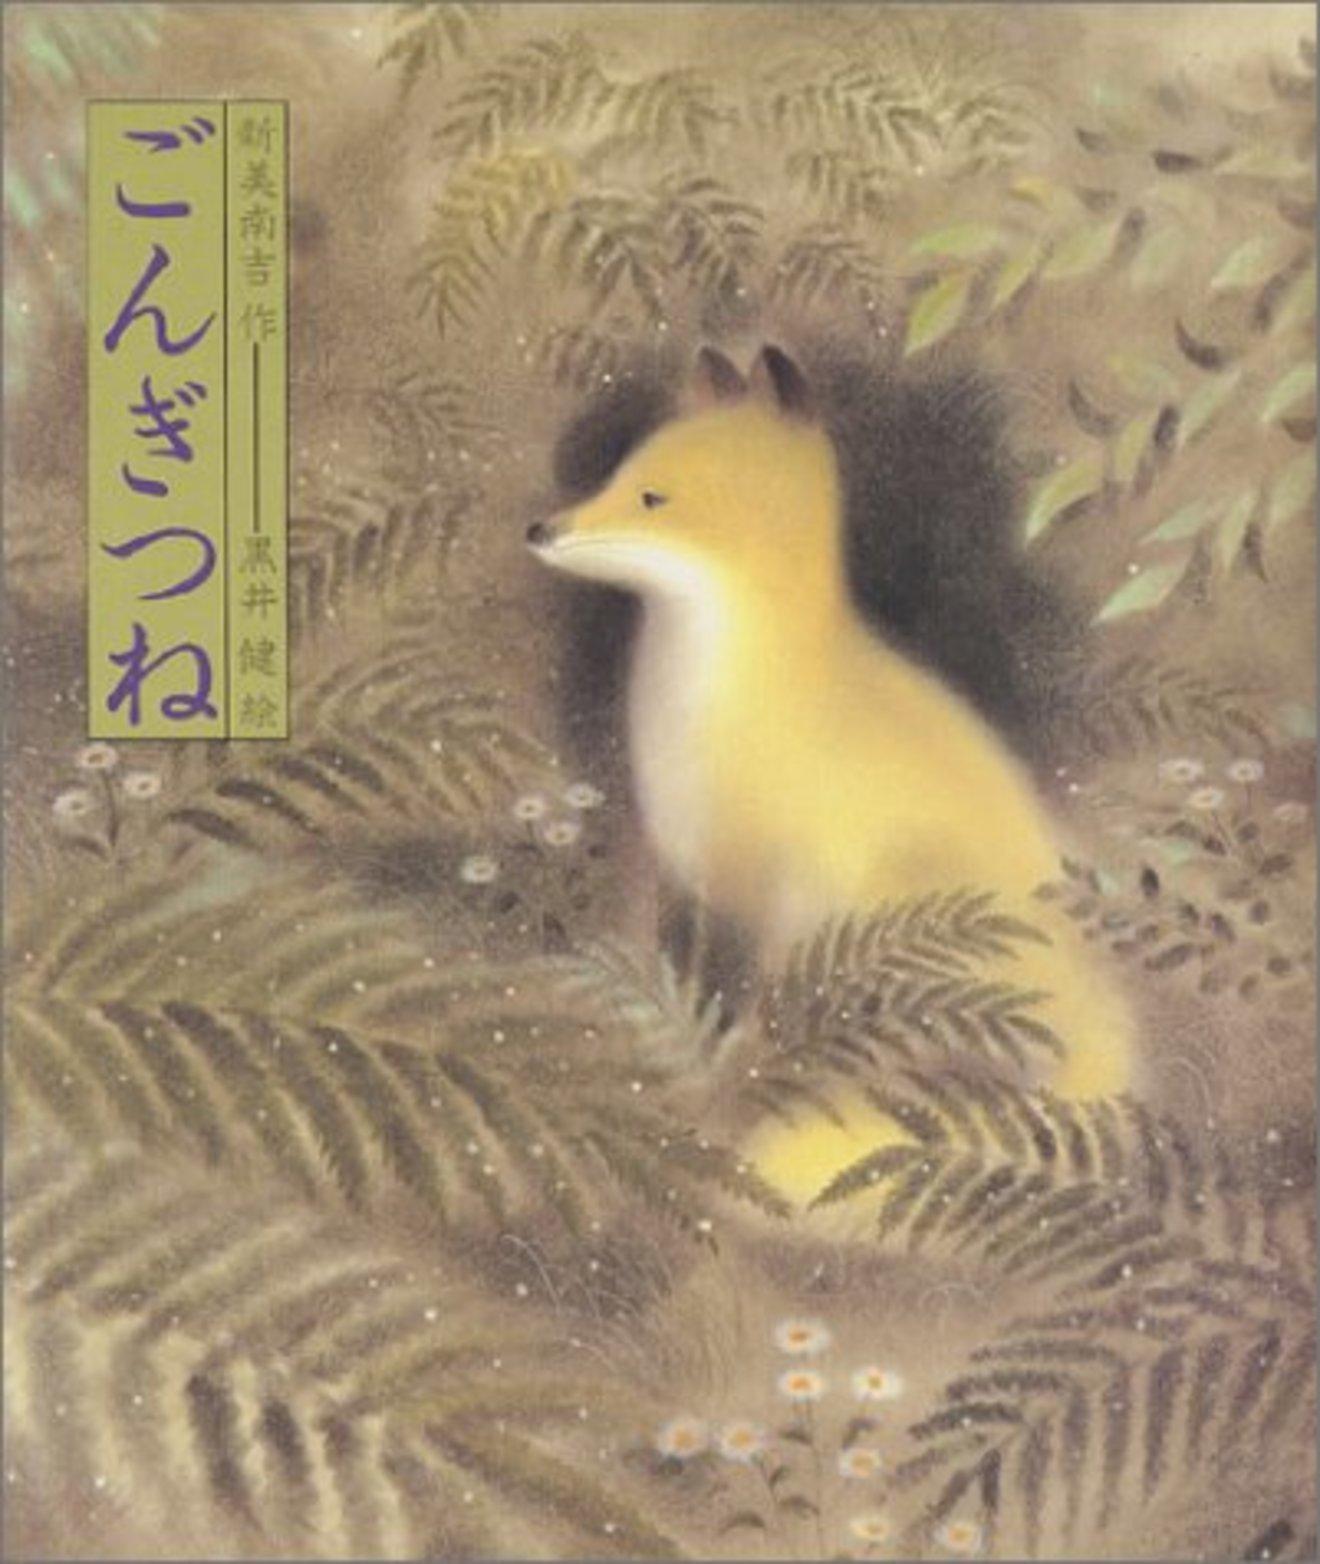 新美南吉のおすすめ本5選!『ごんぎつね』が代表作の児童文学作家